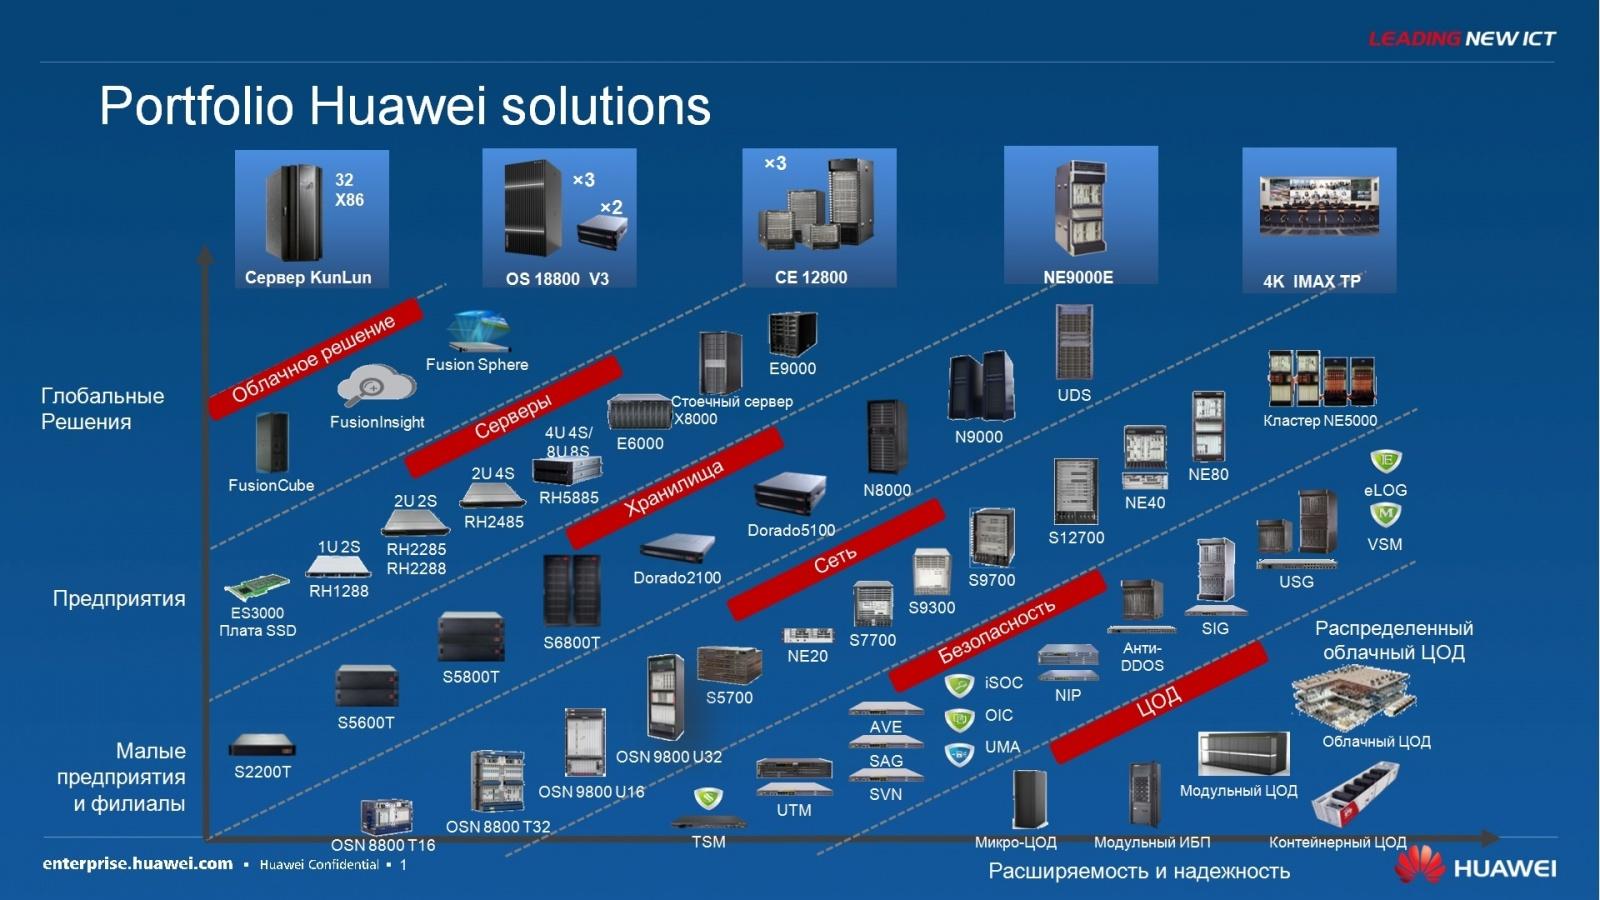 Гипер-конвергентное решение – FusionCube и FusionSphere Openstack для провайдера облачной услуги - 2